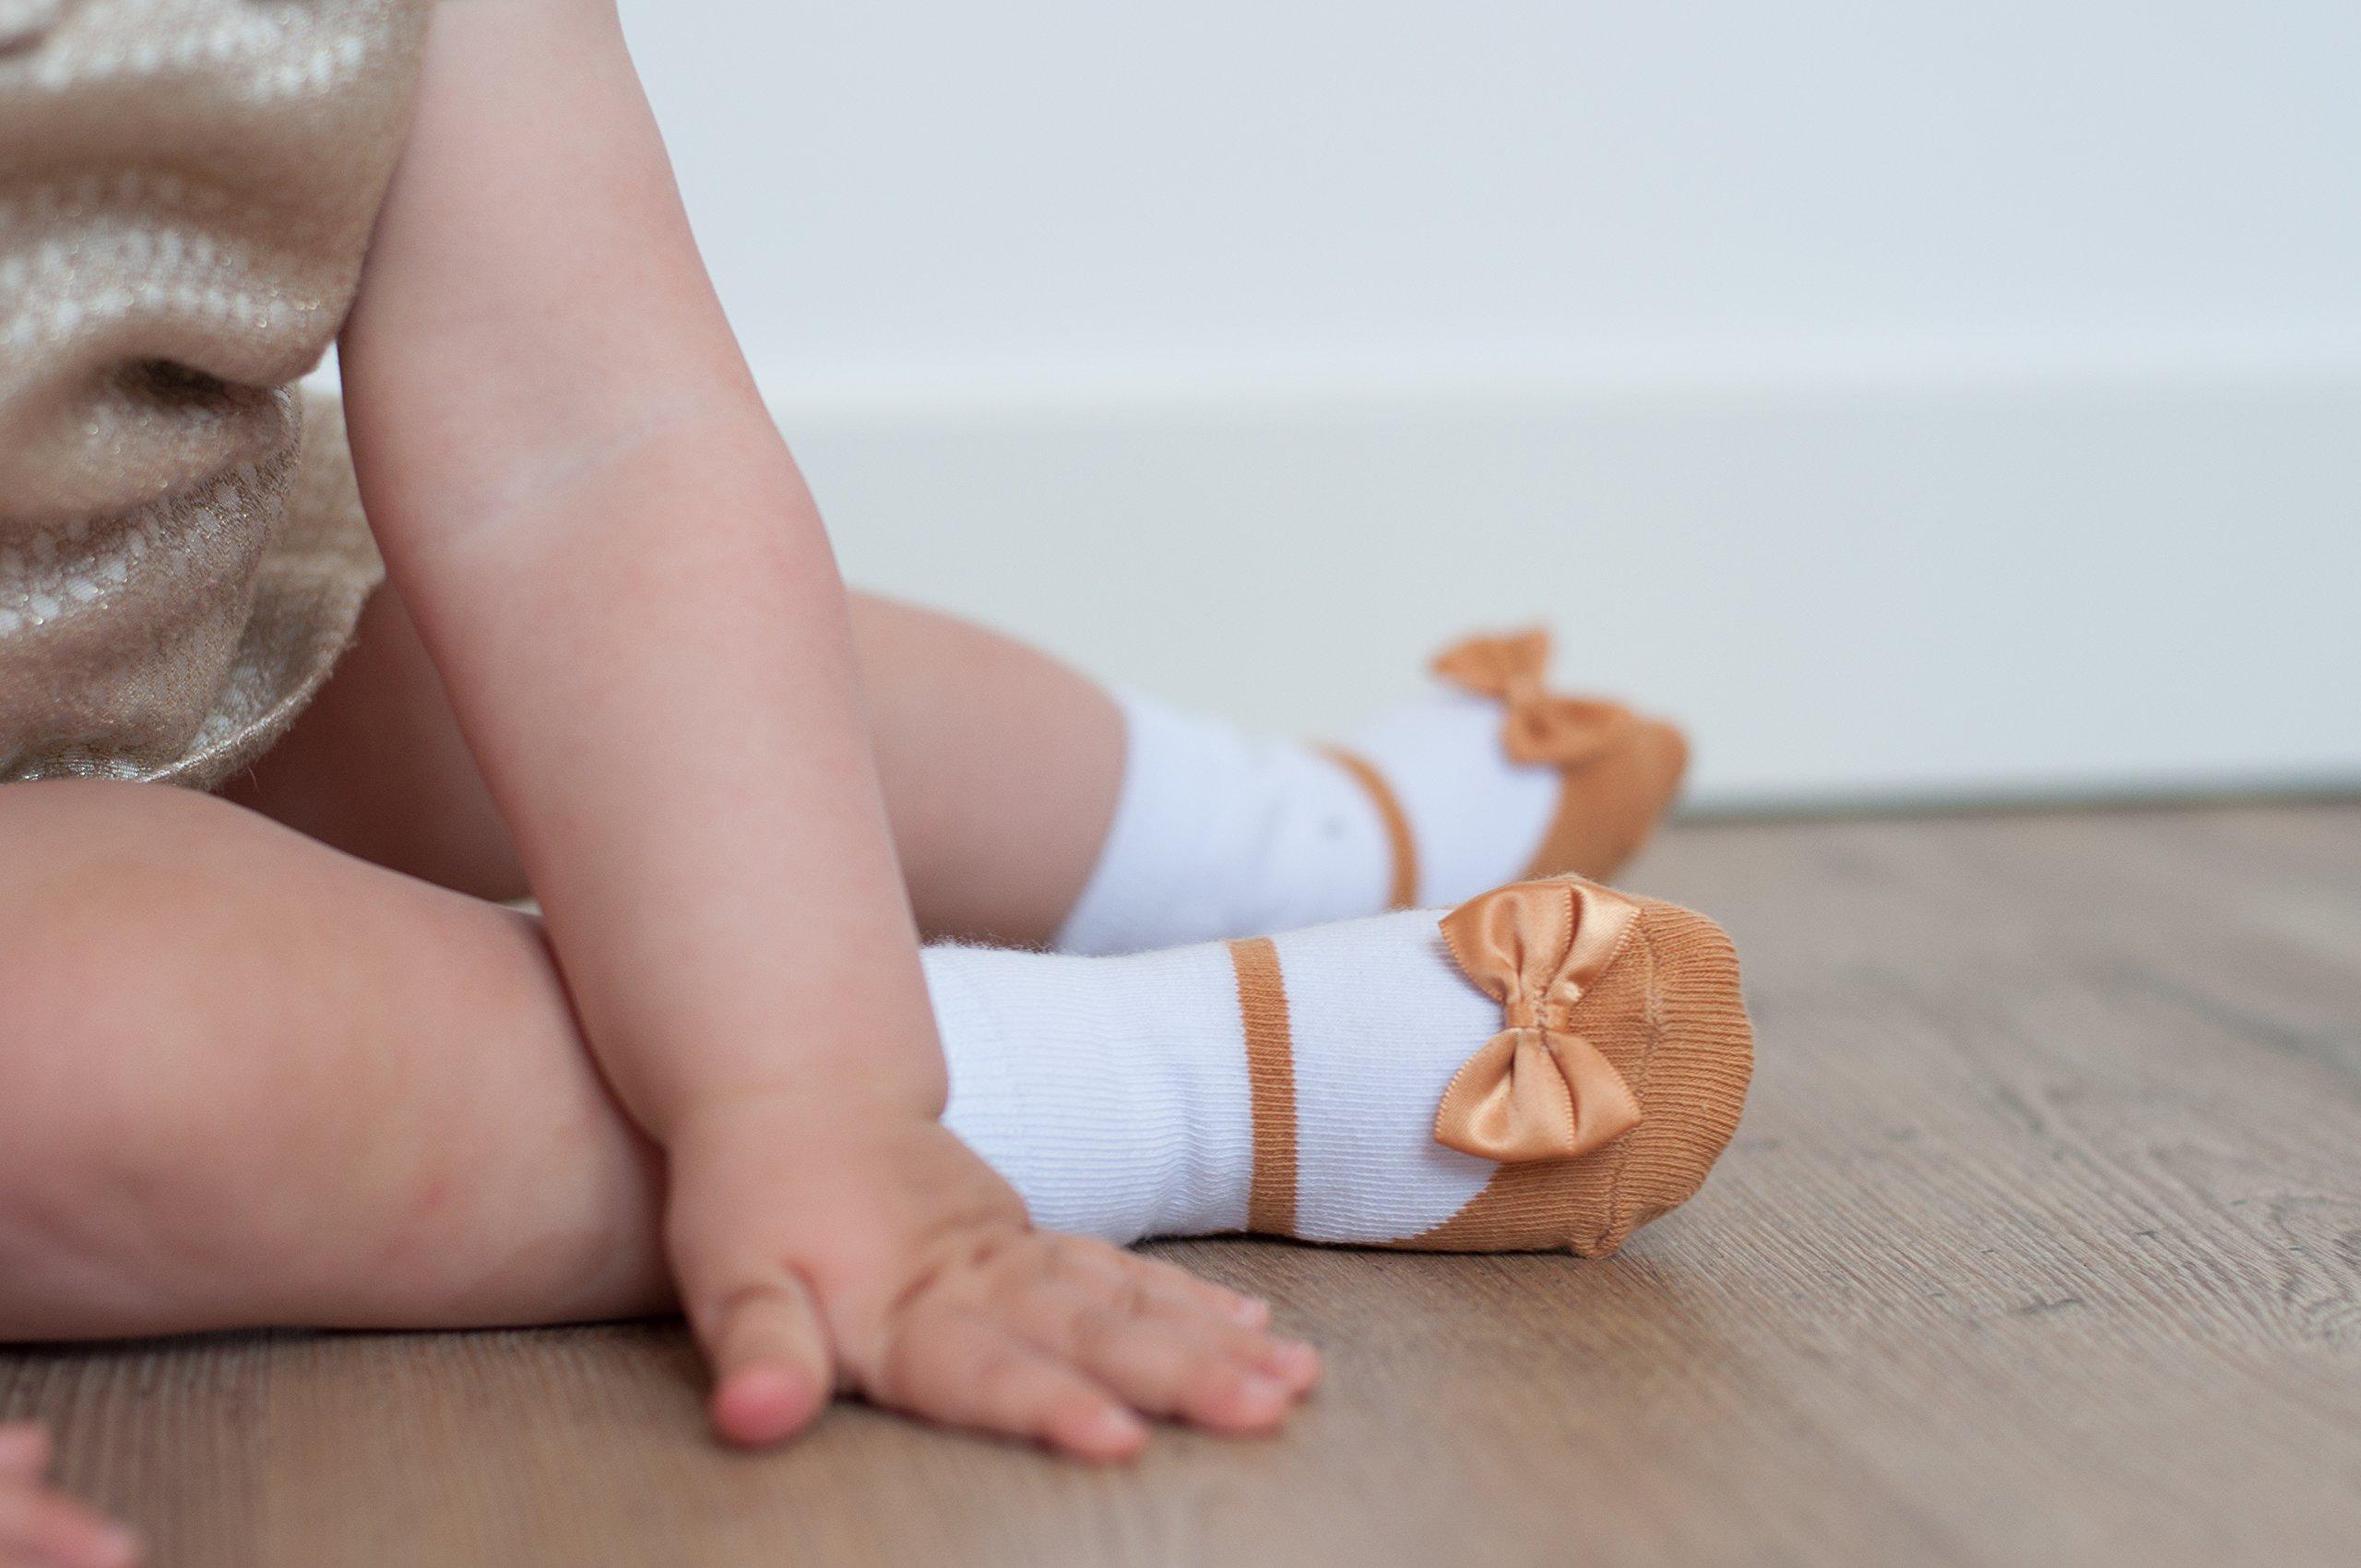 Baby Emporio 6 pares de calcetines para bebé niña - Suelas antideslizantes - Algodón suave - Paquete de regalo - Efecto… 4